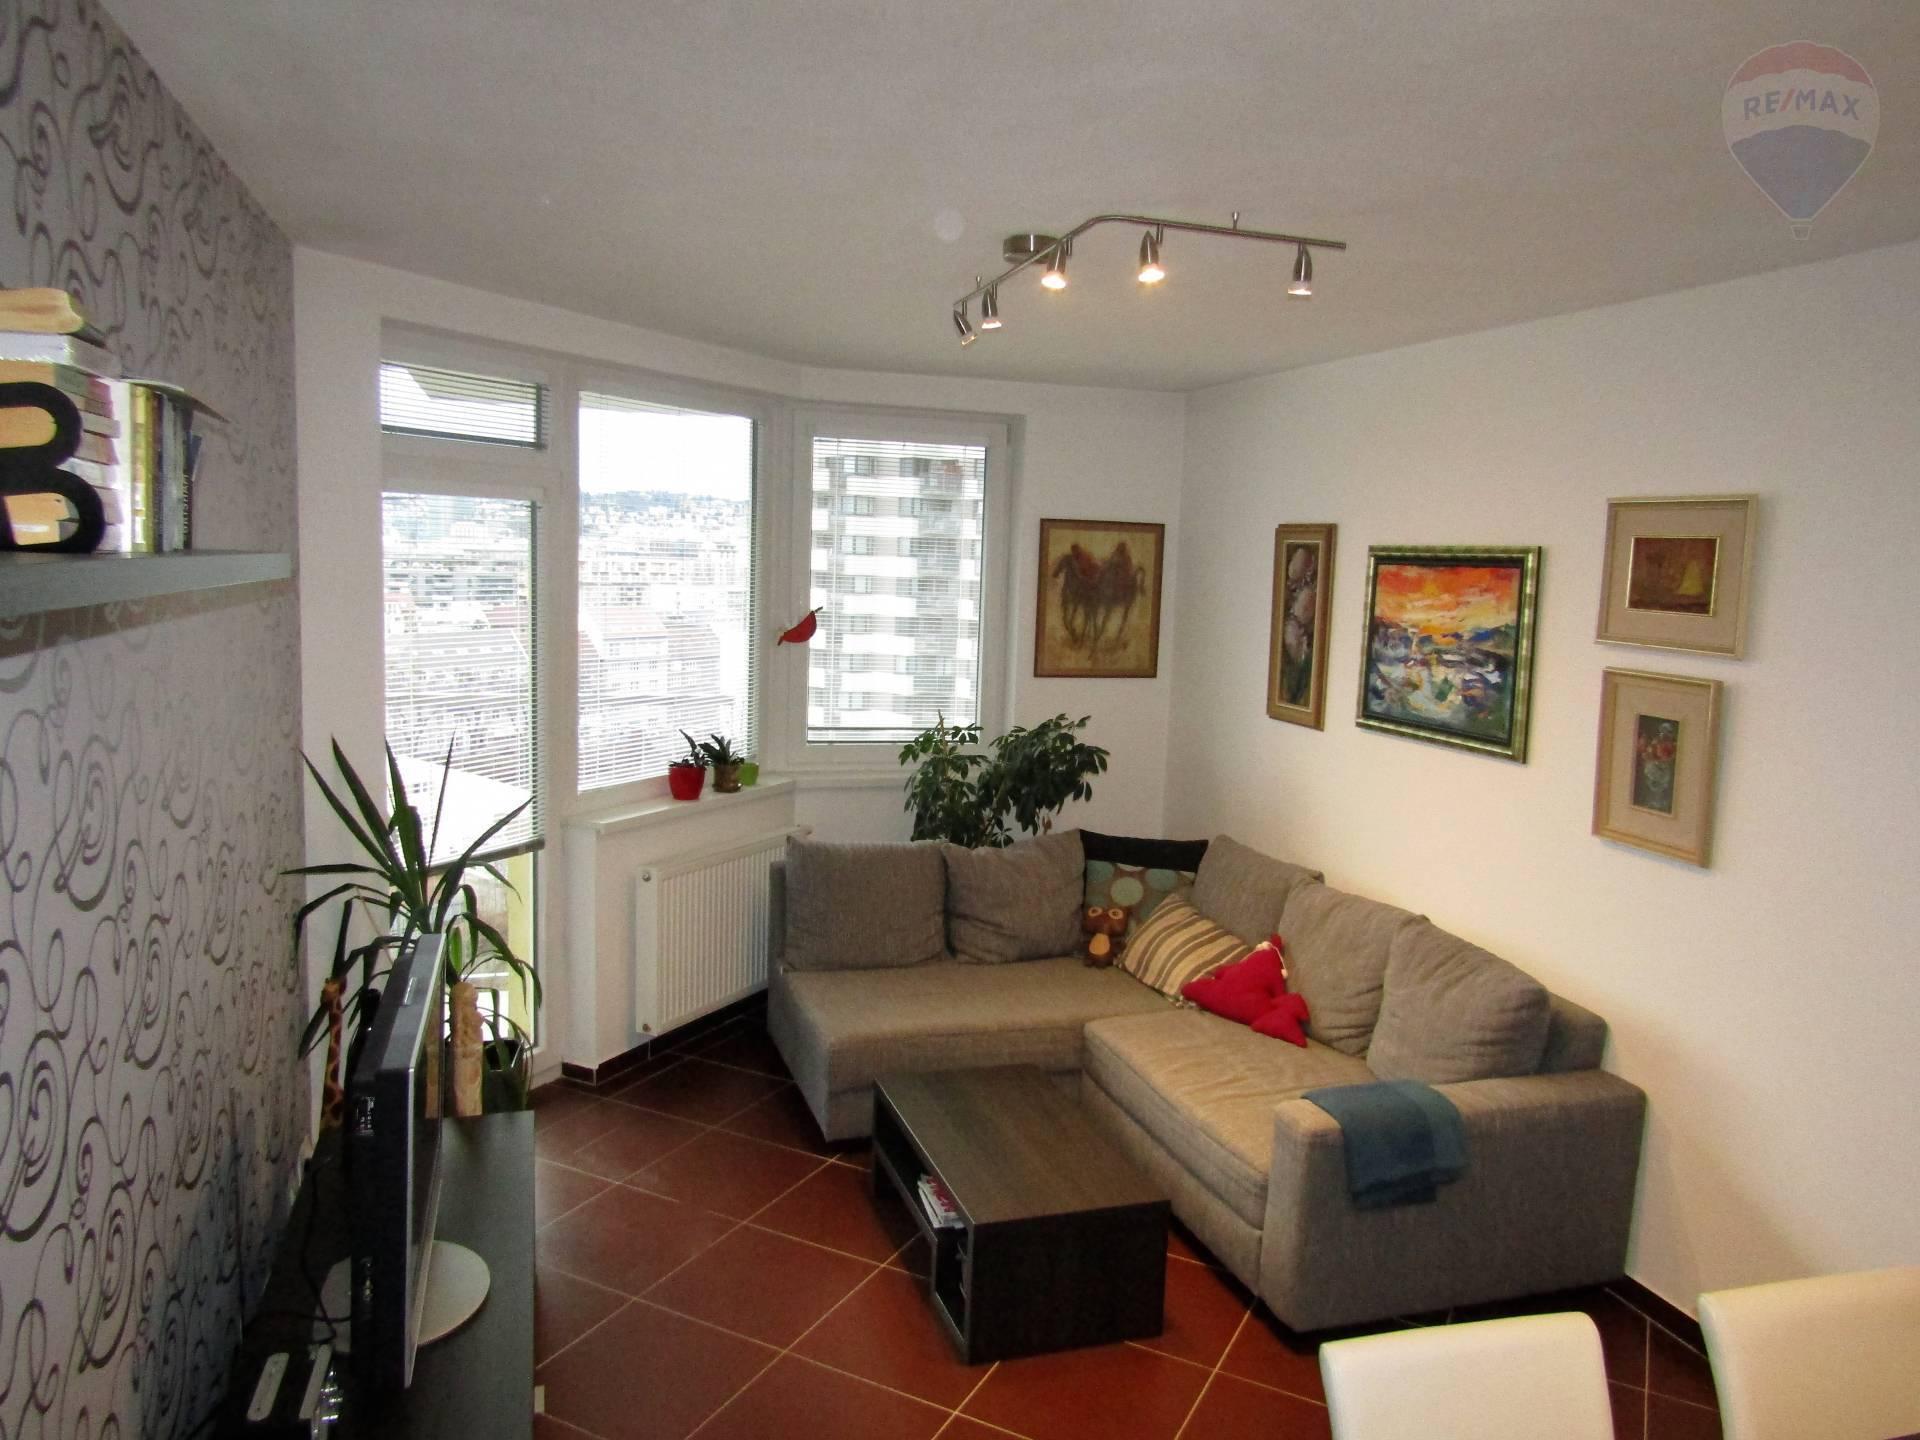 Prenájom - 2i byt v atraktívnej lokalite Jégeho alej, loggia, samostatný šatník, parkovacie miesto